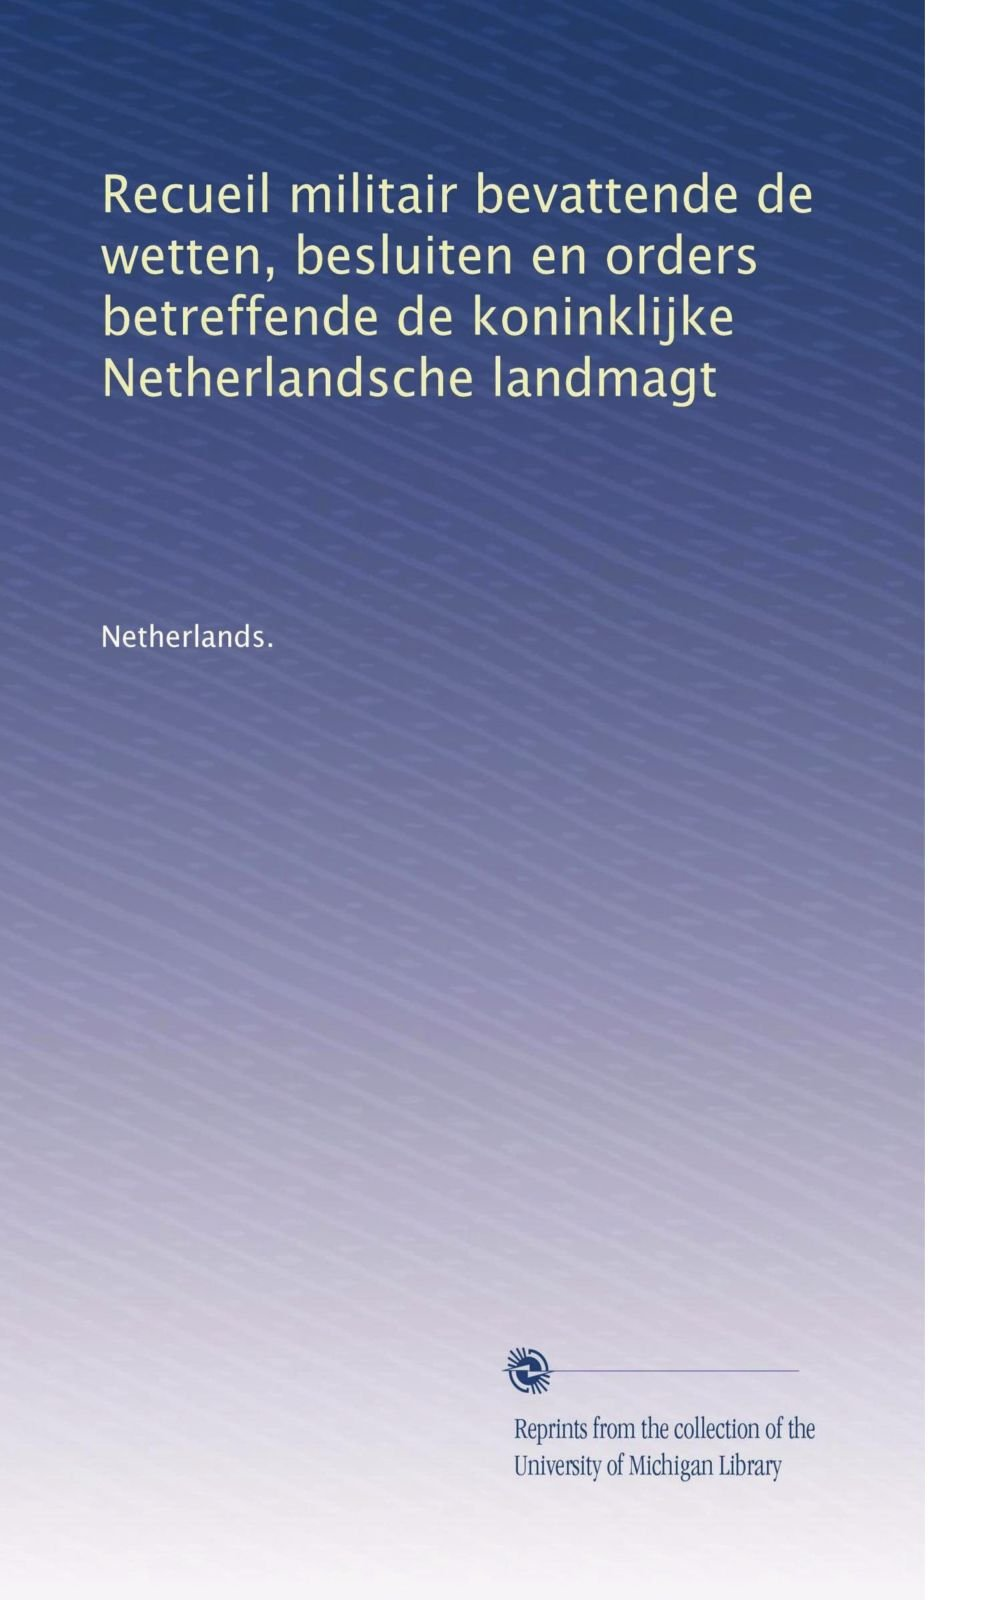 Read Online Recueil militair bevattende de wetten, besluiten en orders betreffende de koninklijke Netherlandsche landmagt (Volume 29) (Dutch Edition) pdf